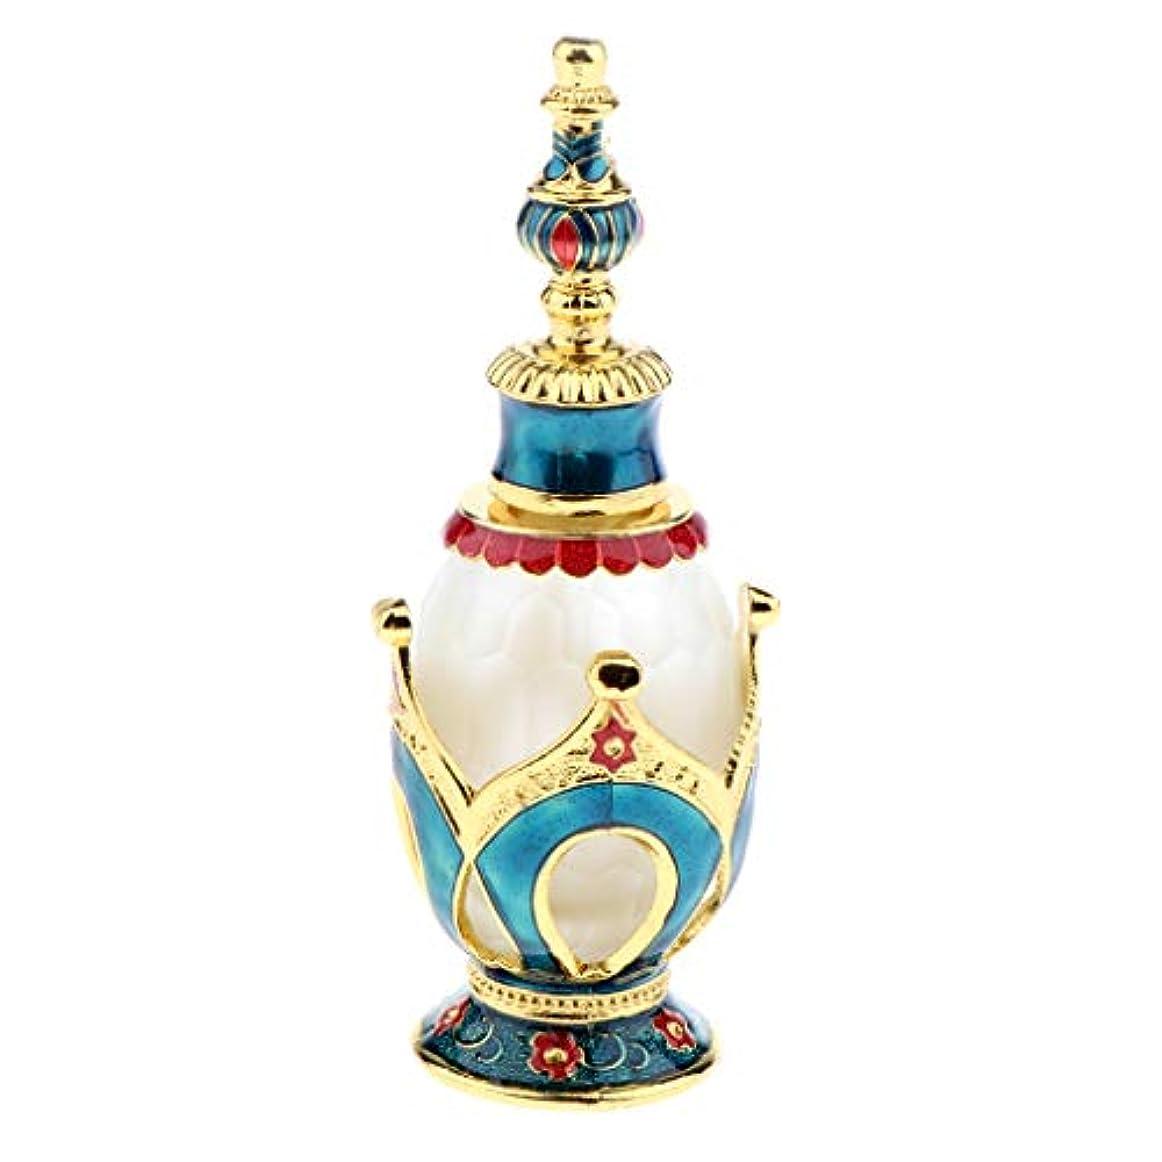 継続中統合する知人香水ボトル 香水瓶 ガラスボトル 華やか レトロ 旅行 小分け容器 3色選べ - ブルーゴールド